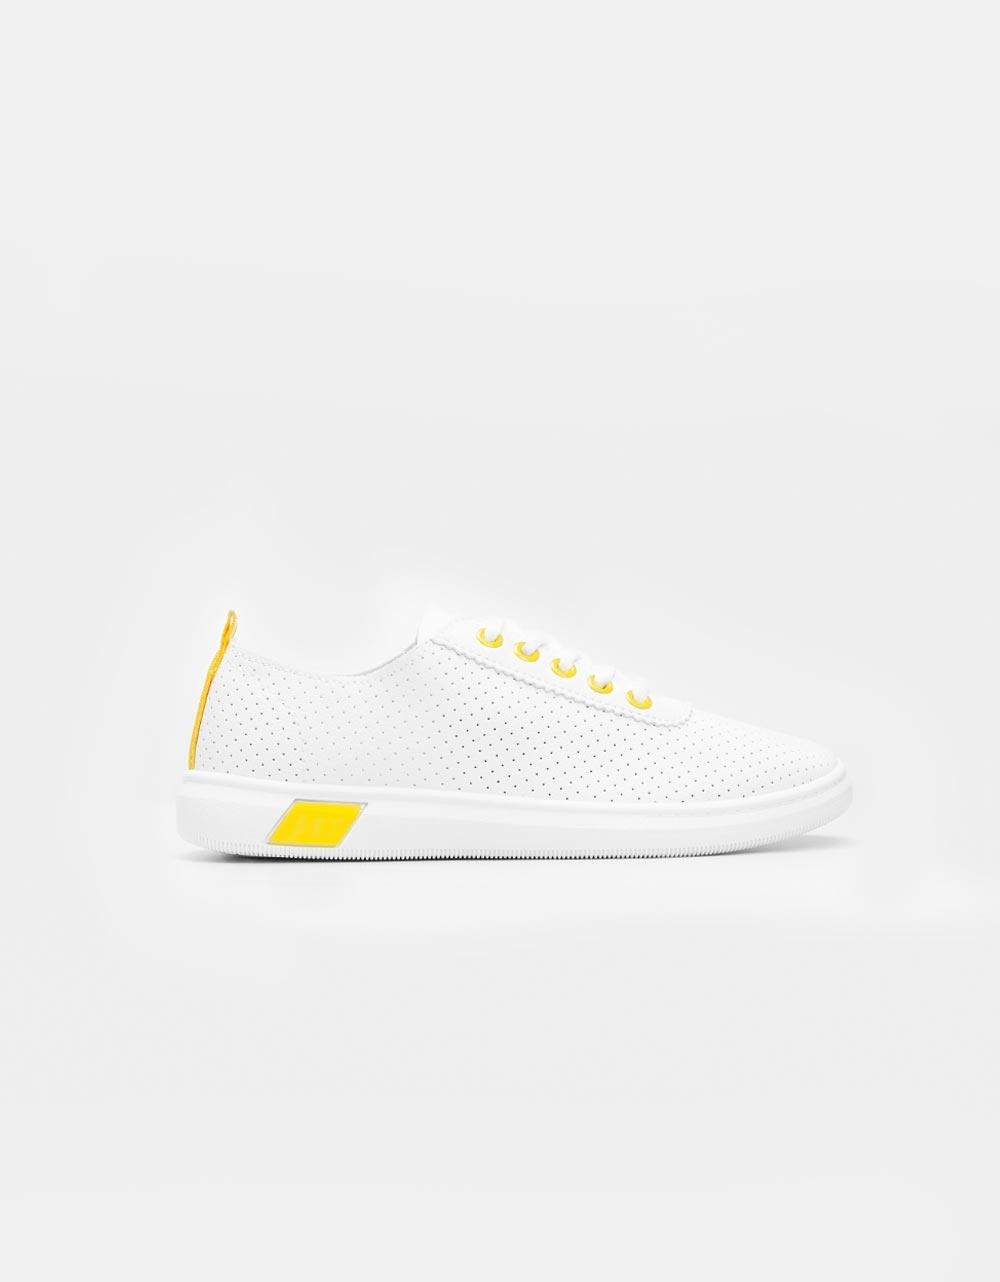 Εικόνα από Γυναικεία sneakers με δίχρωμο σχέδιο Λευκό/Κίτρινο